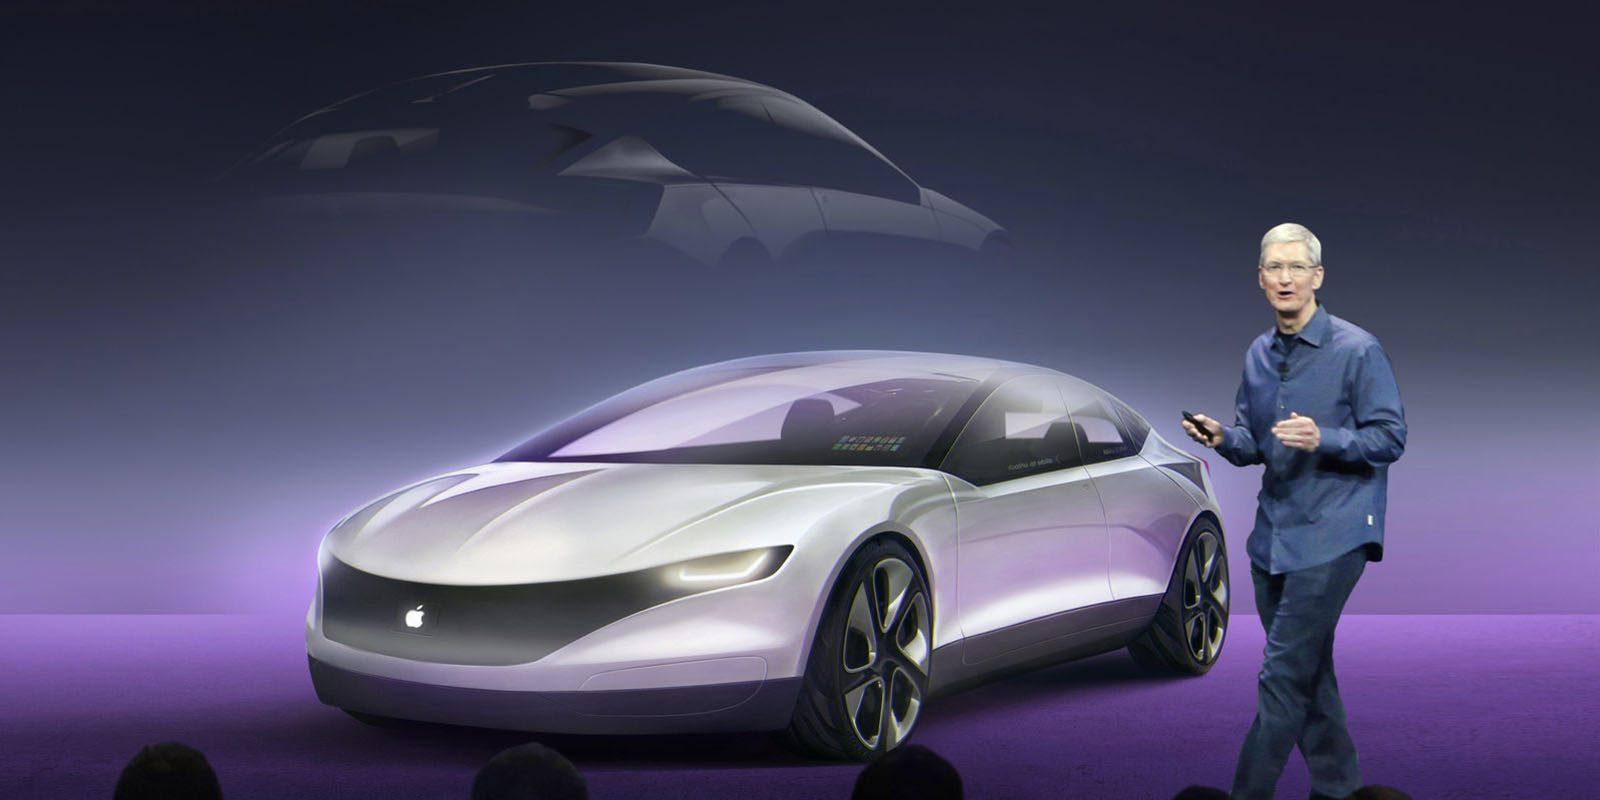 Apple hợp tác Hyundai tung mẫu beta xe điện vào năm 2022